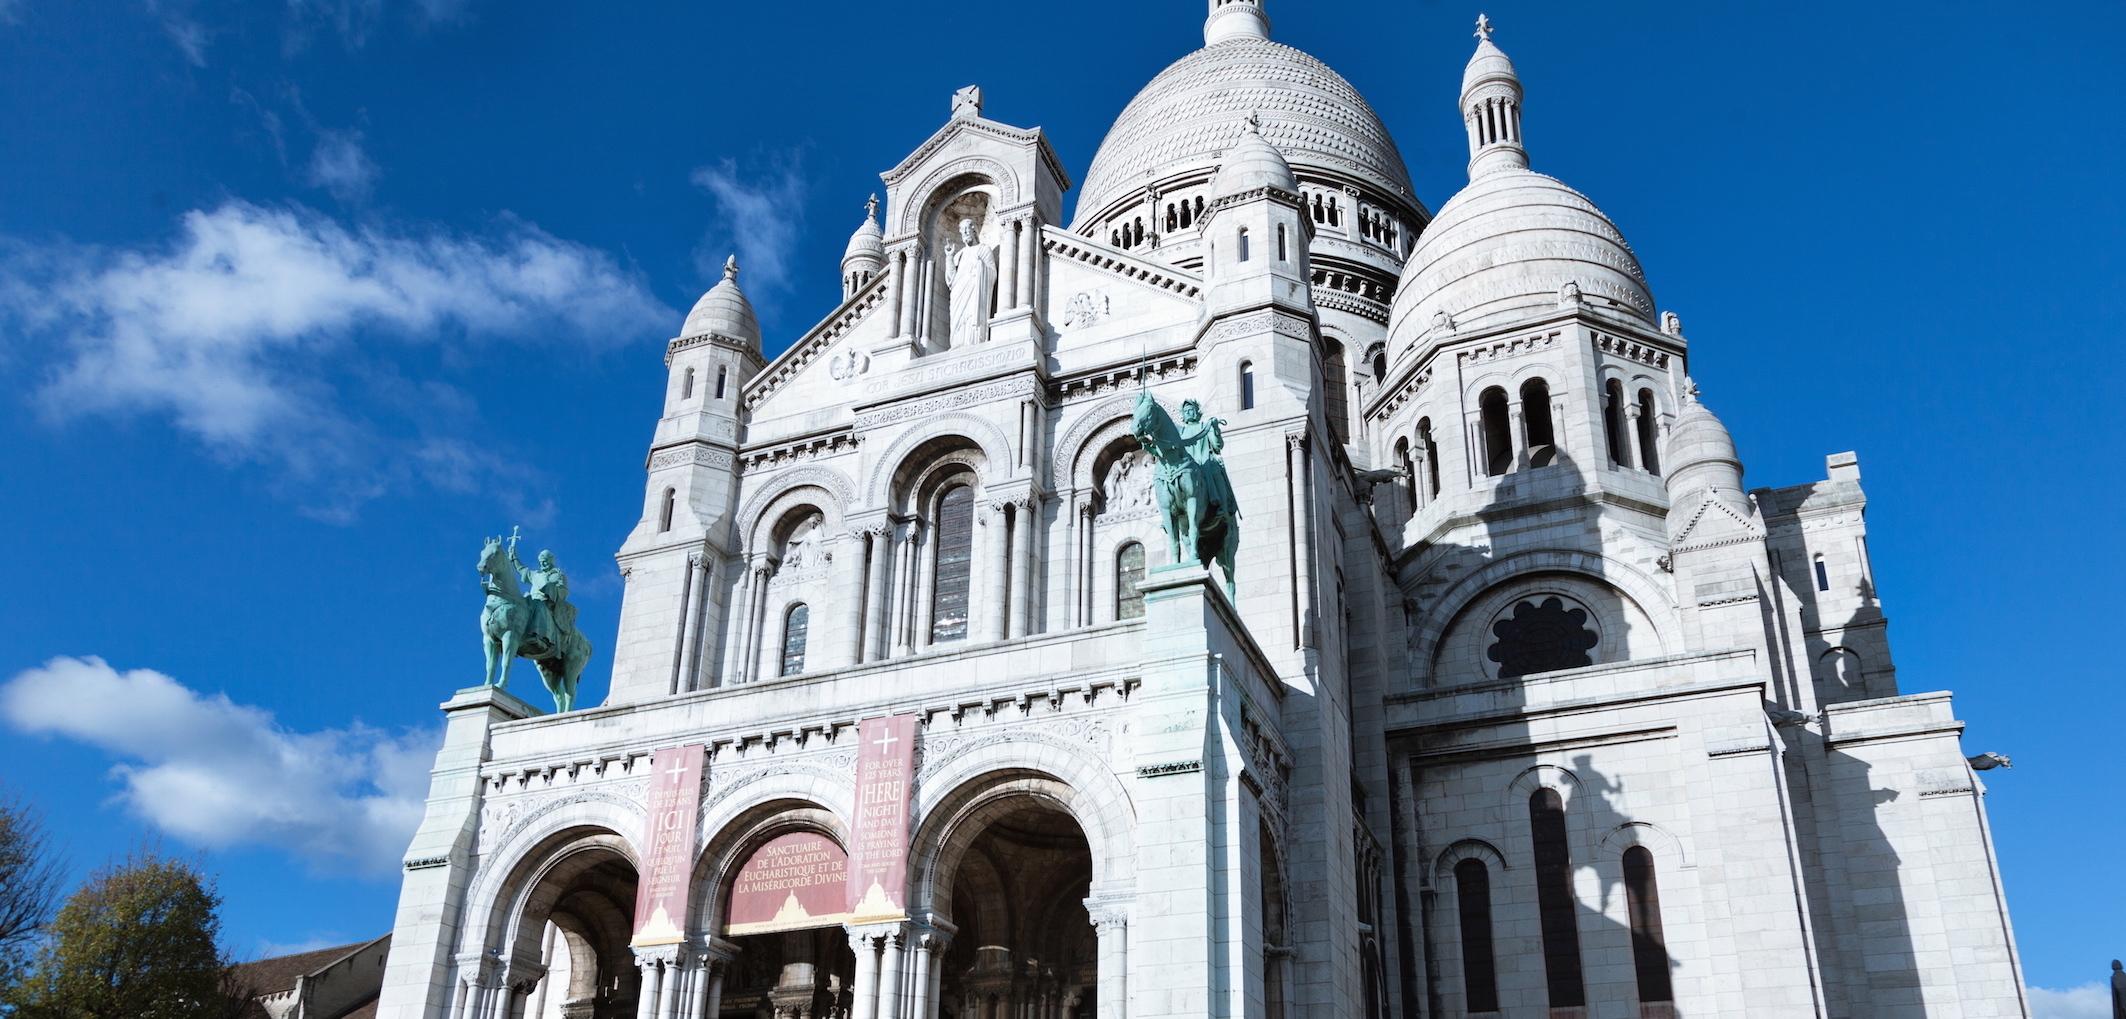 Climb the Sacré Coeur